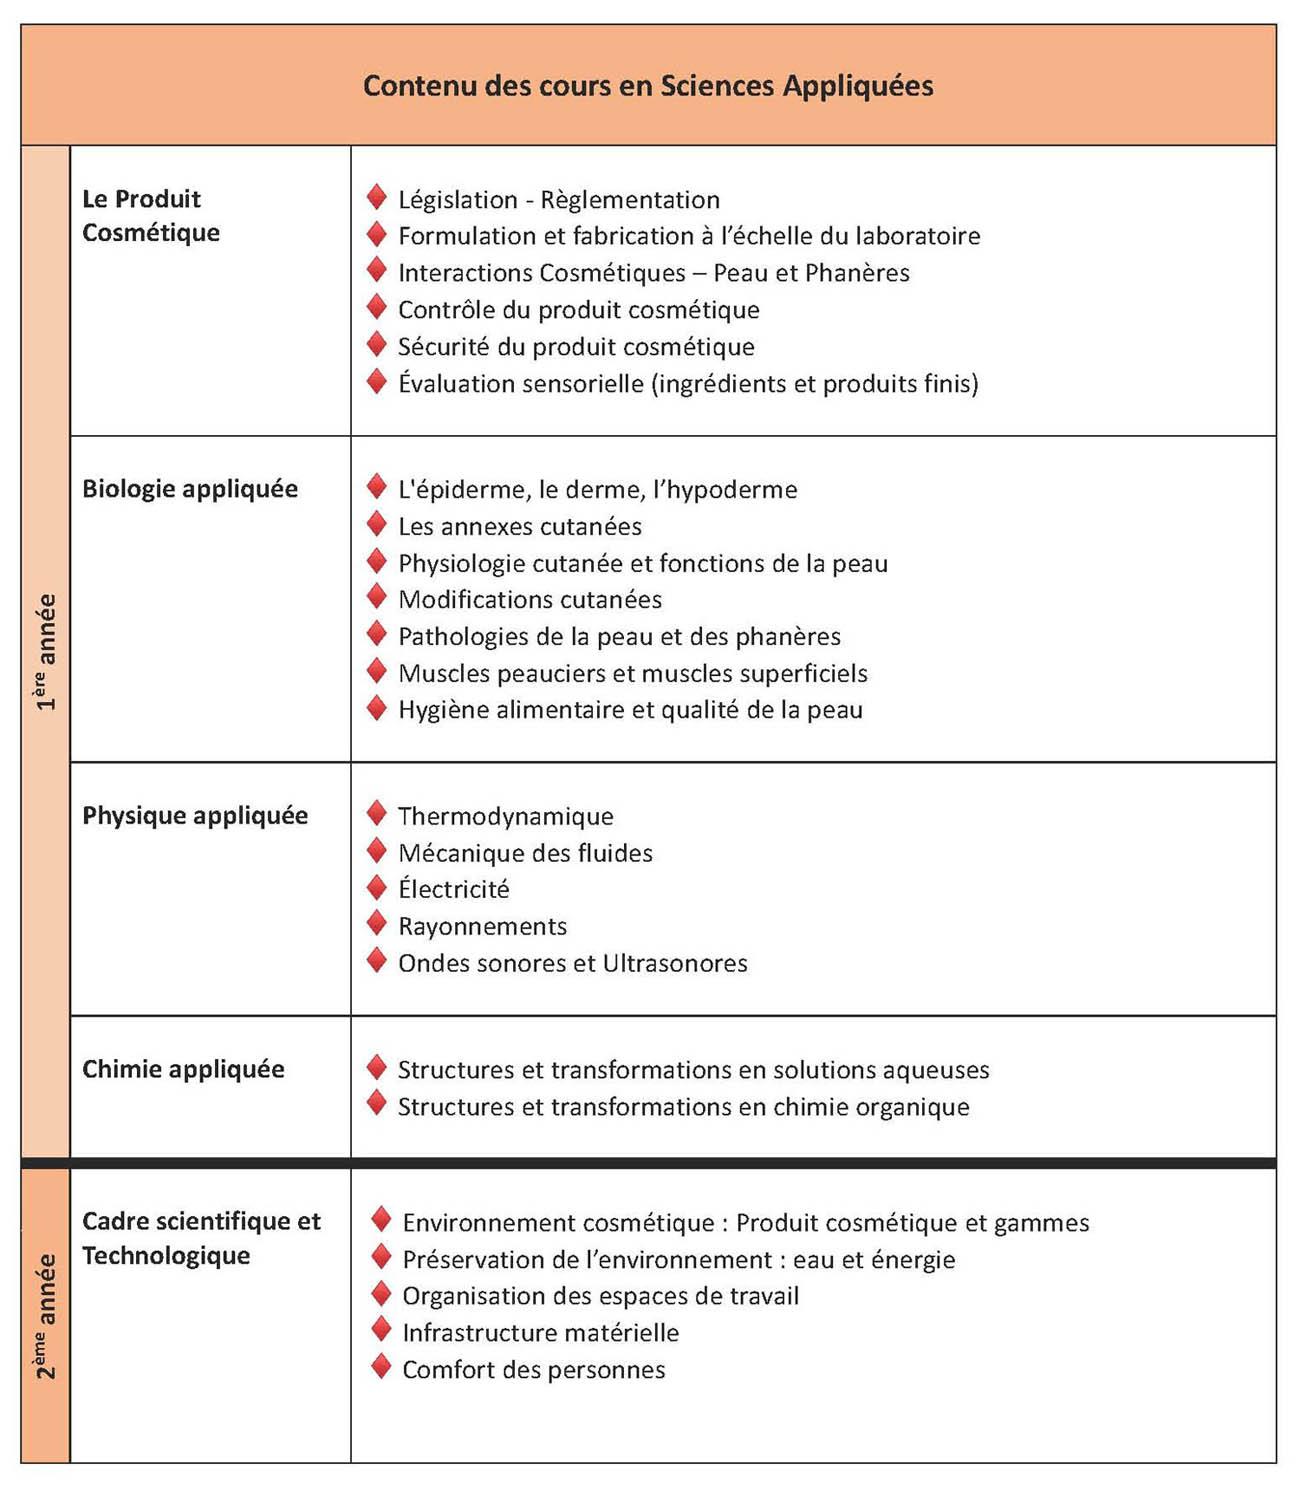 Catalogue des cours de Sciences appliquées en français